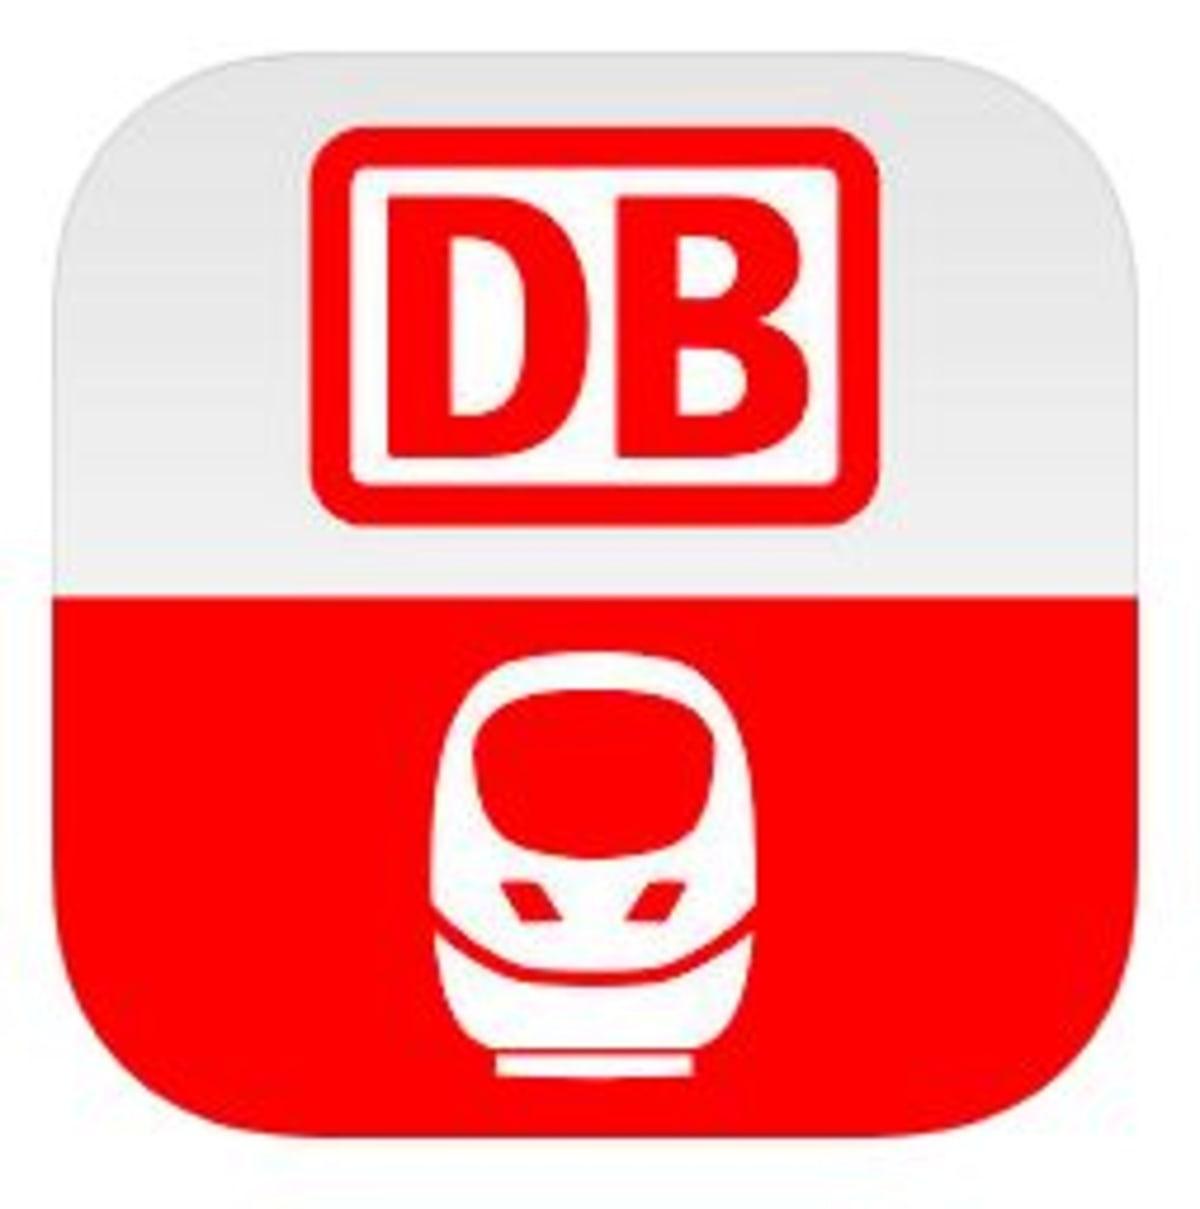 列車は全て日本で、「DBnavigator」appを使って予約しました